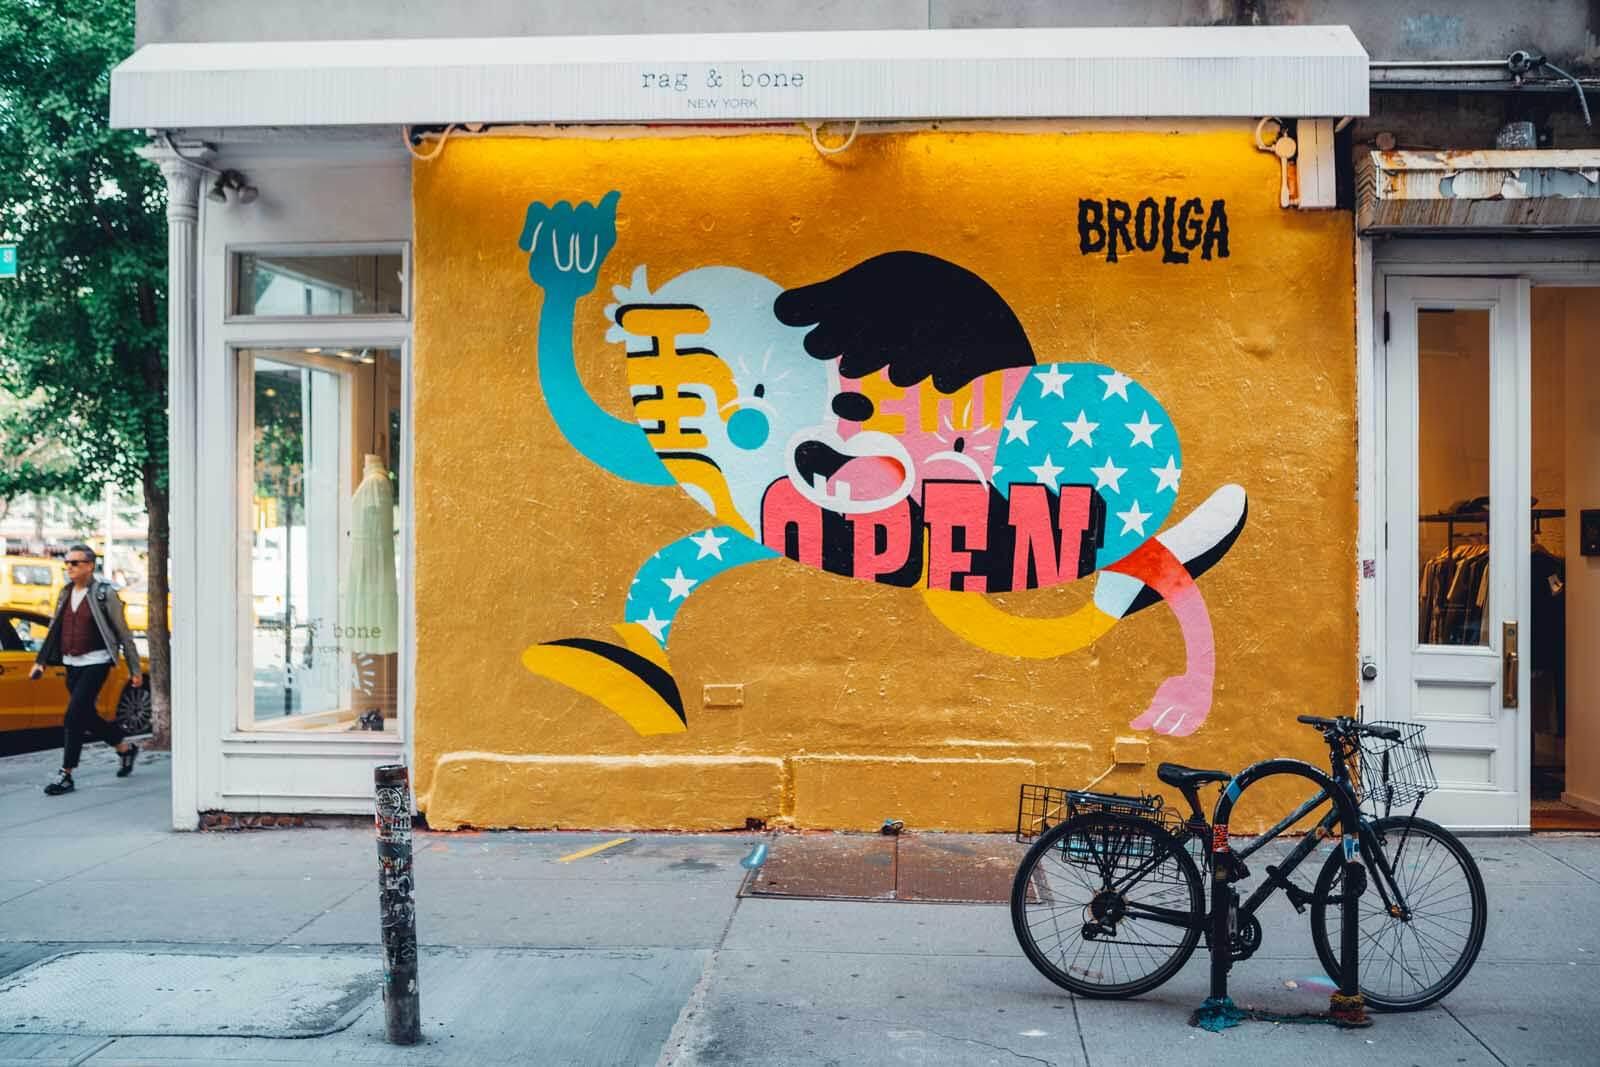 Brolga Mural in Nolita New York City